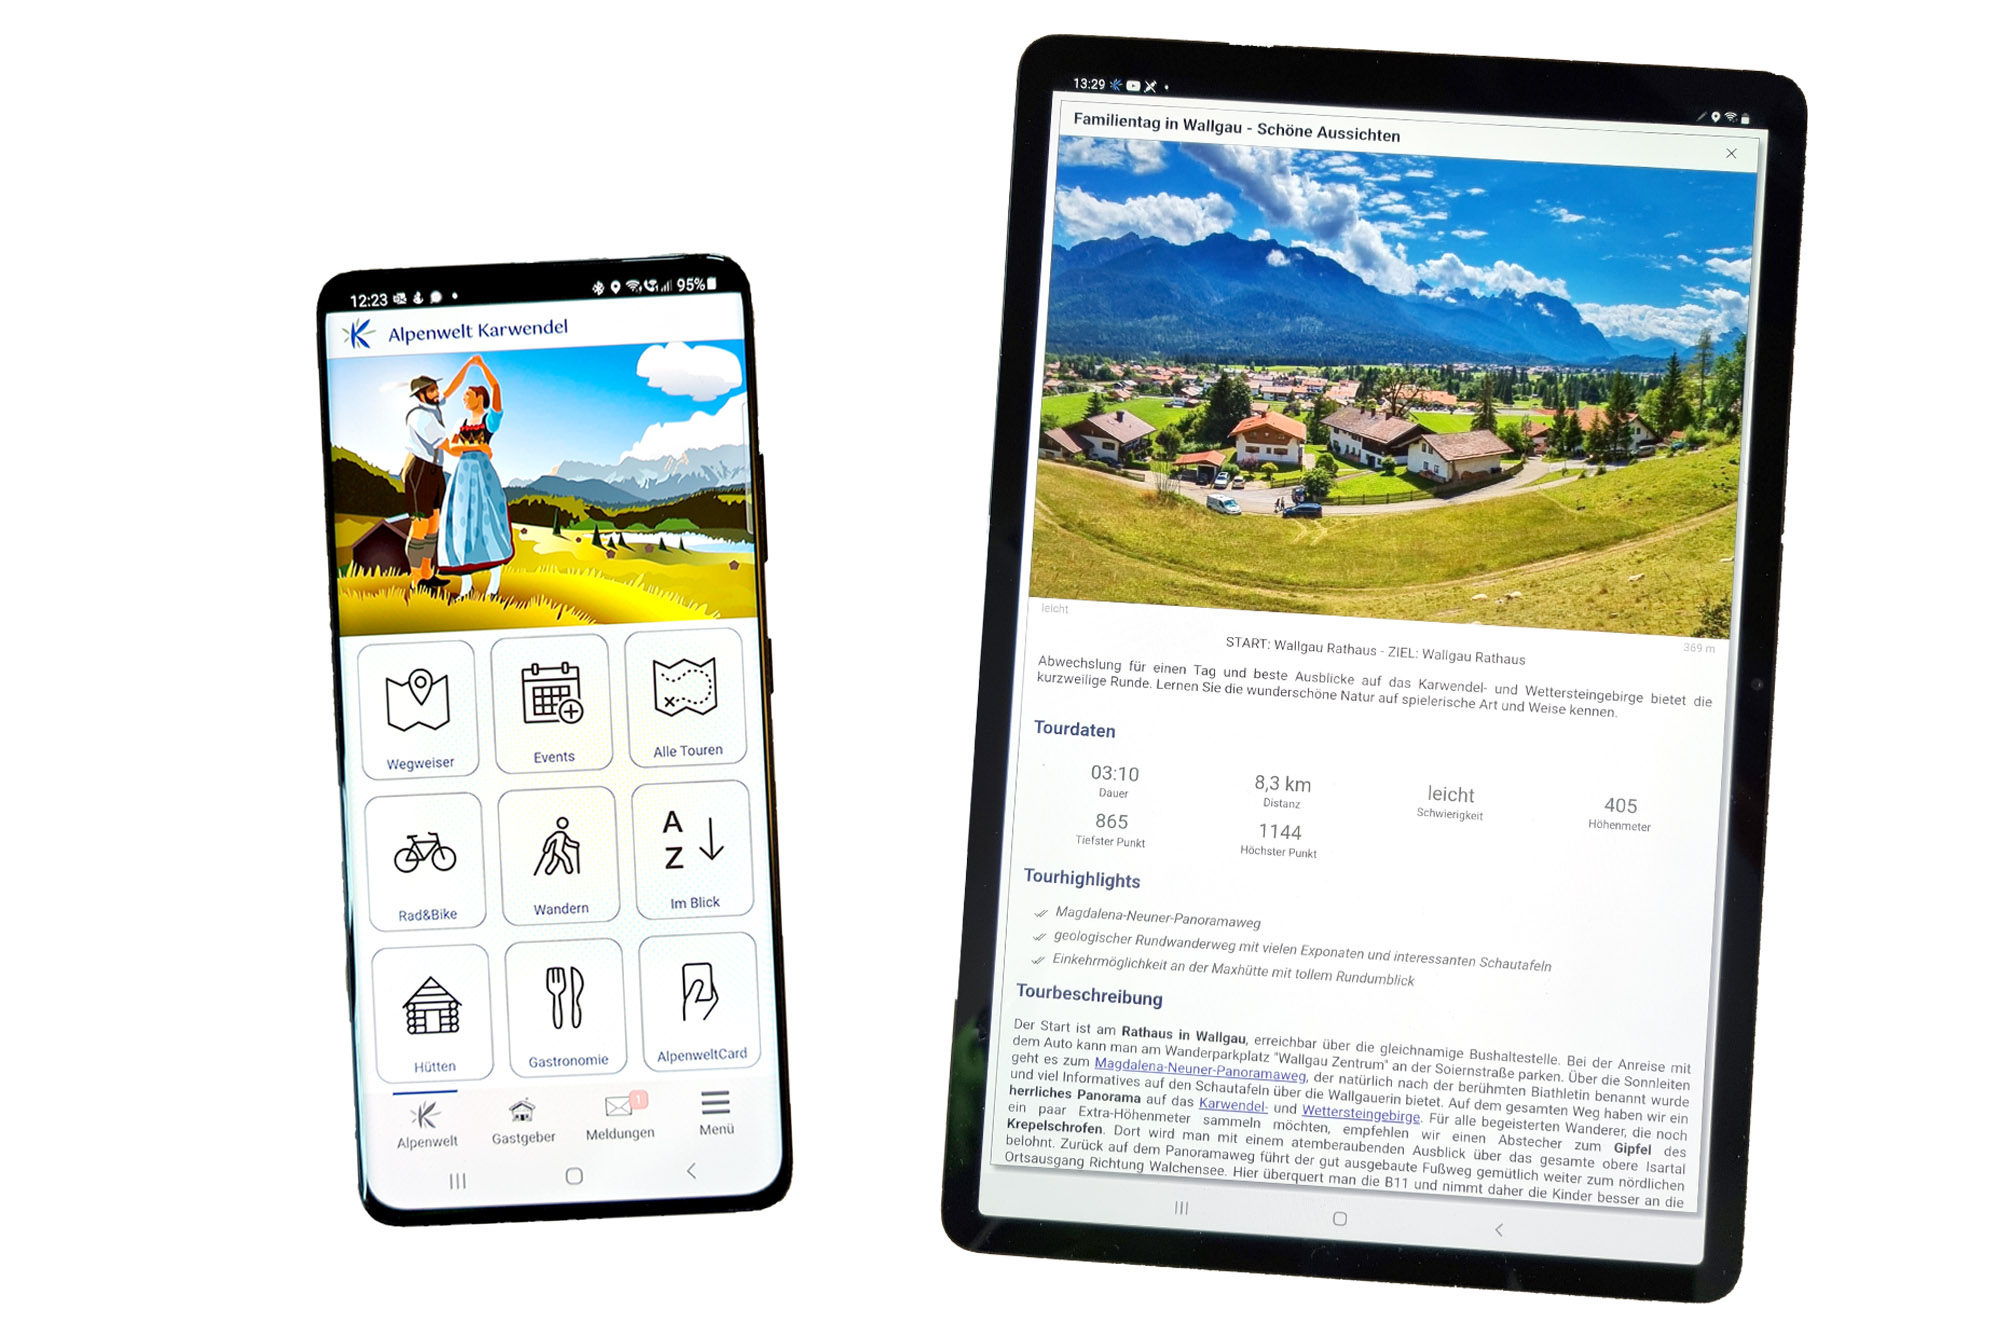 Alpenwelt Karwendel Gästemappe APP Smartphone und Tablet